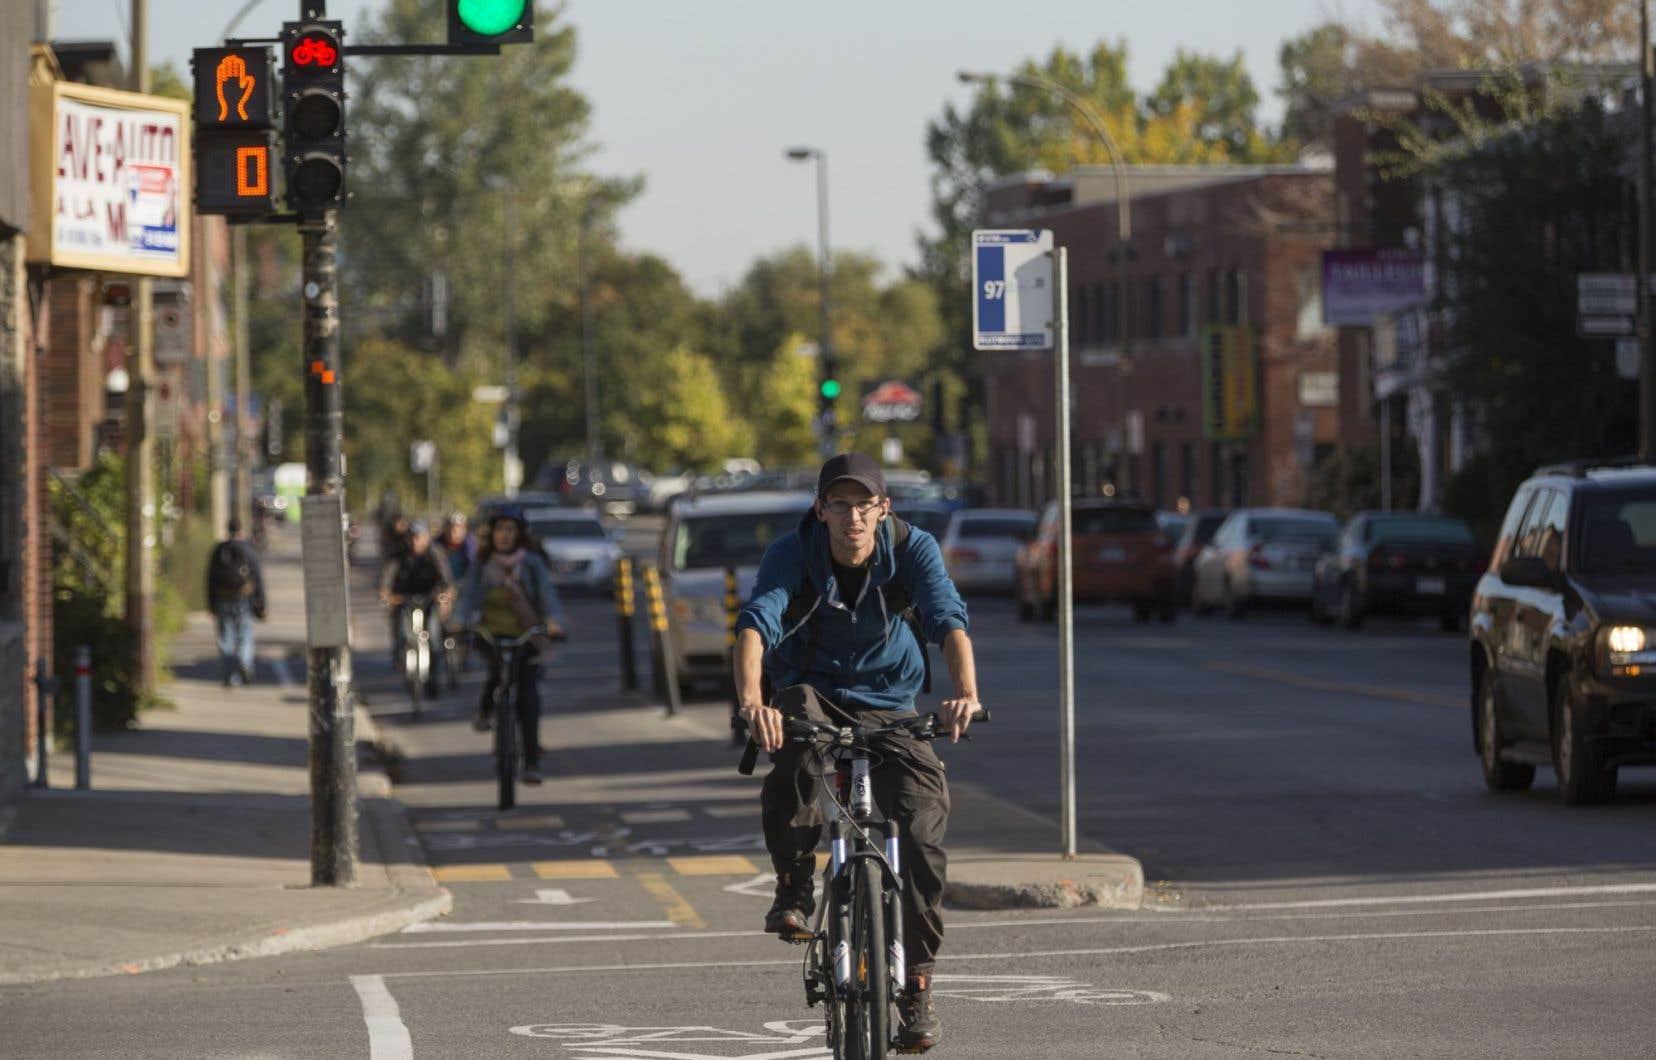 En 2013, près de 54% des coûts engendrés par des accidents de vélo étaient associés à des cyclistes de 45ans et plus, contre seulement 26% en 1997.